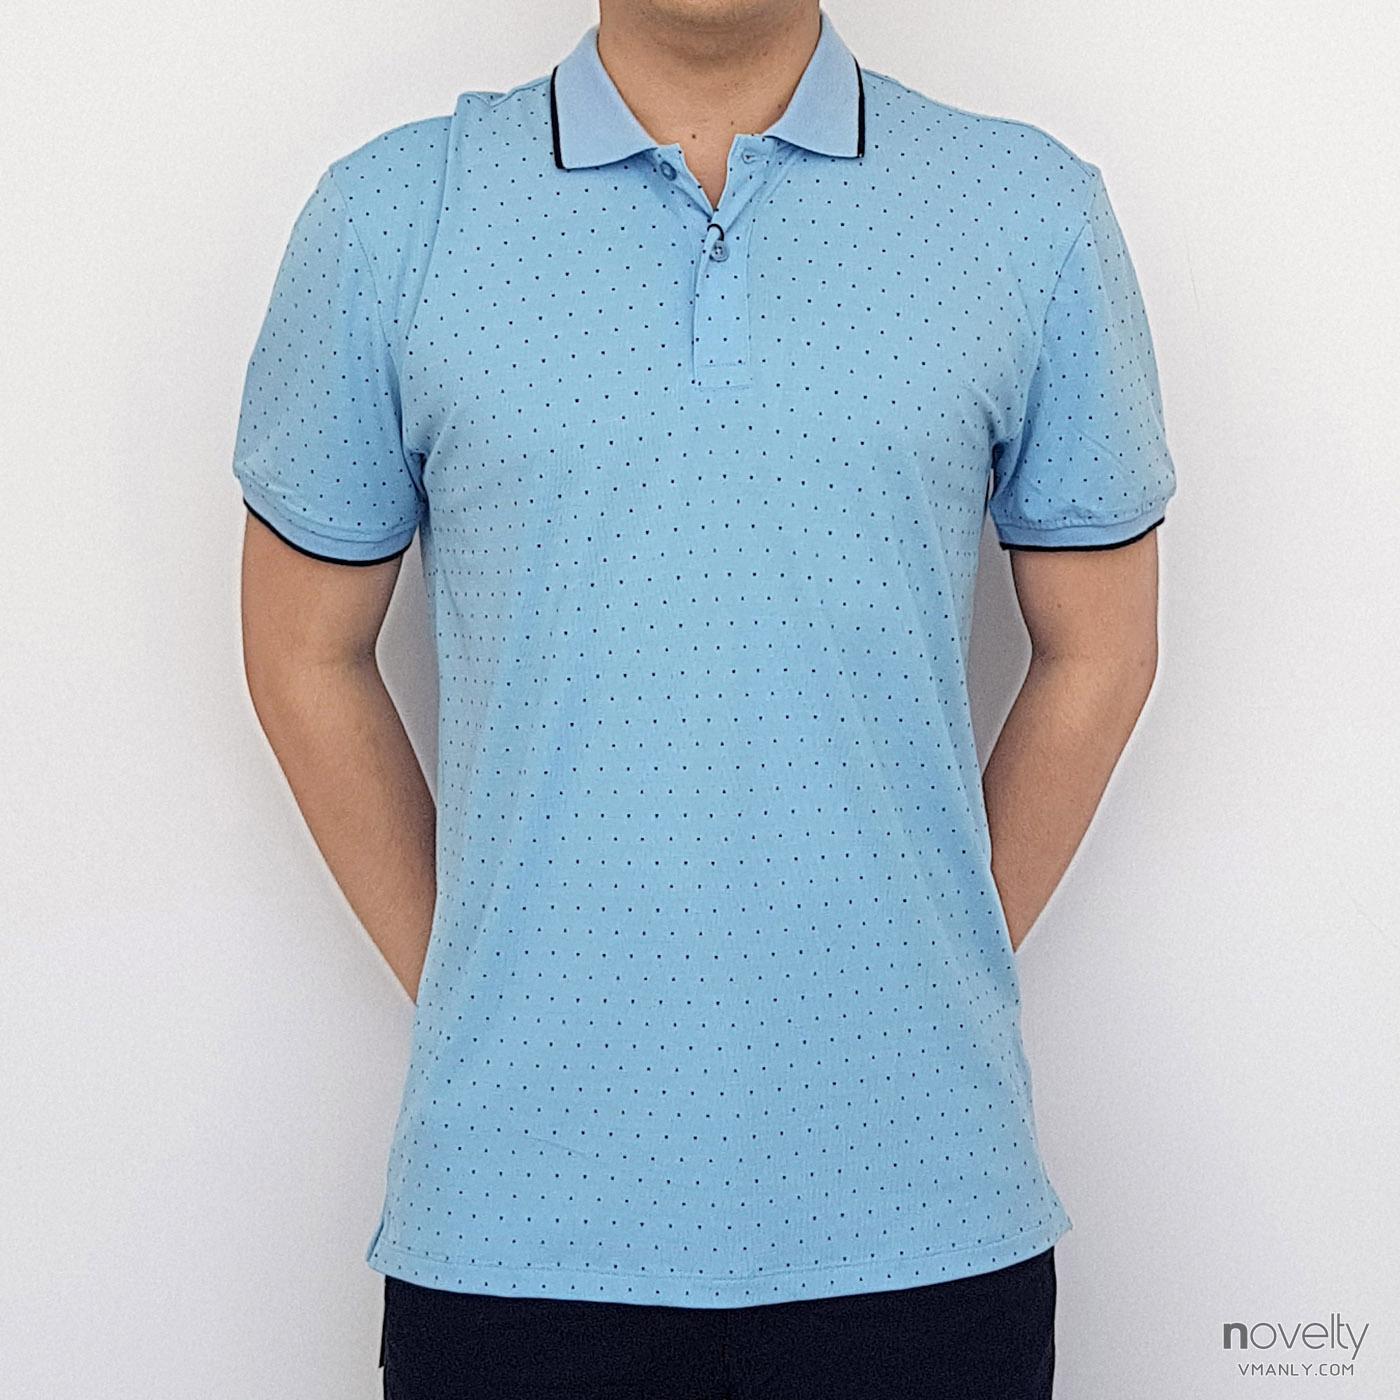 Áo polo nam Novelty cổ bẻ màu xanh nhạt NATMHTMT3R181371N